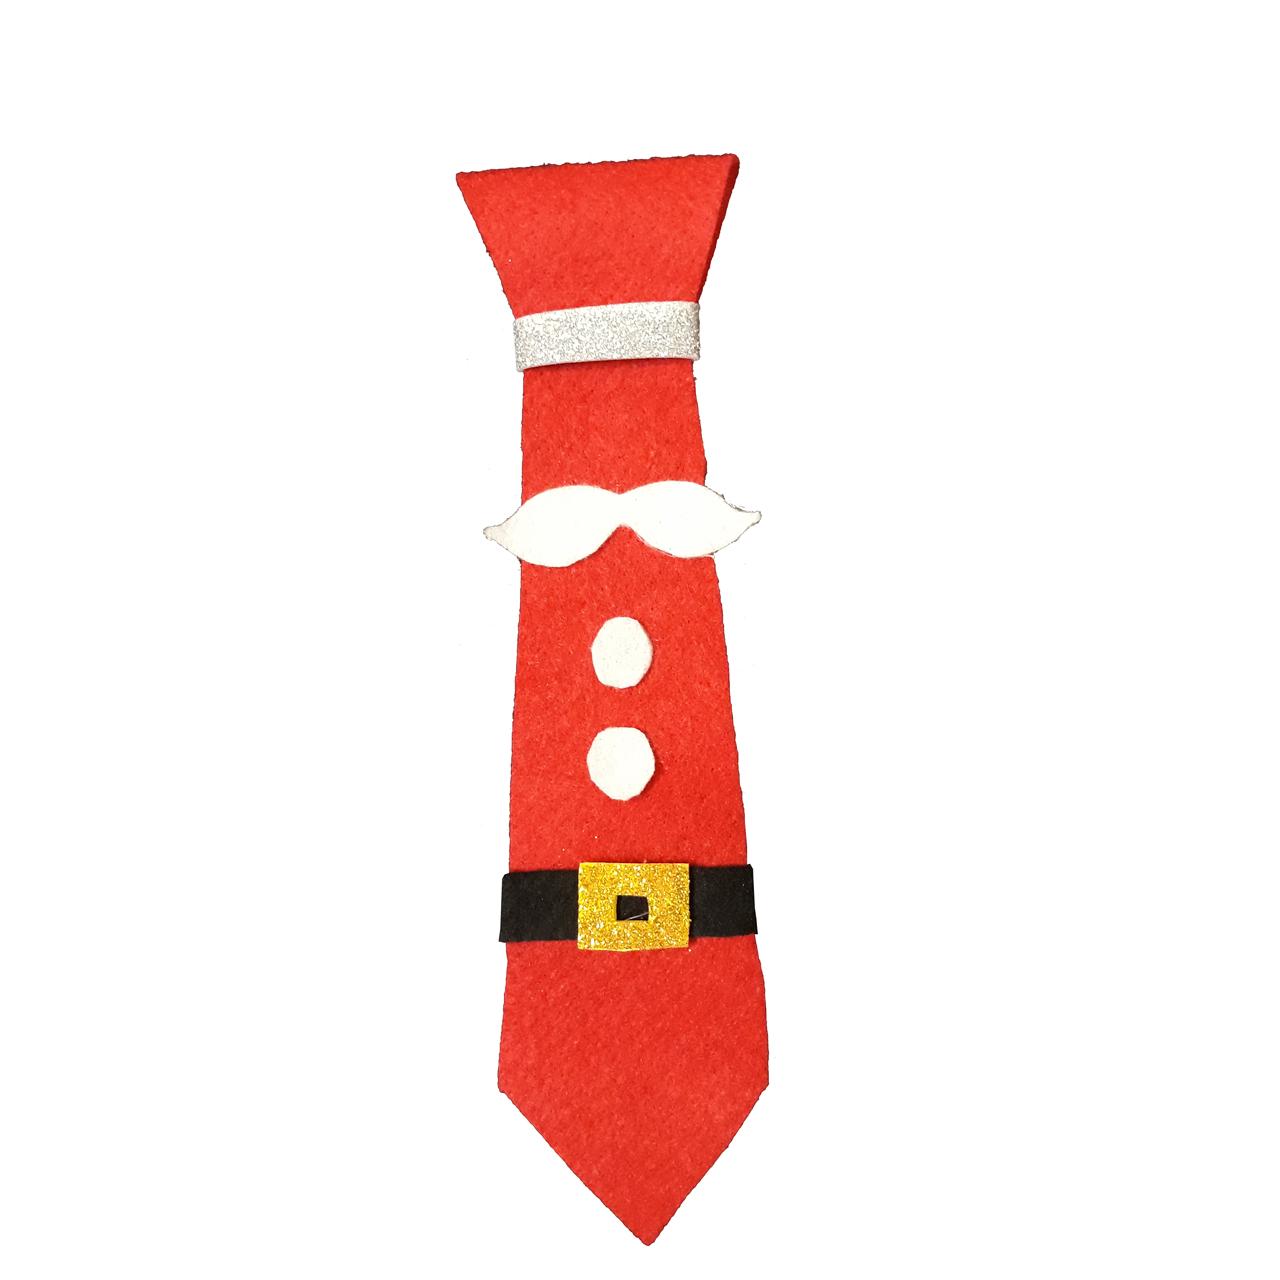 عکس کراوات کریسمس طرح بابا نوئل